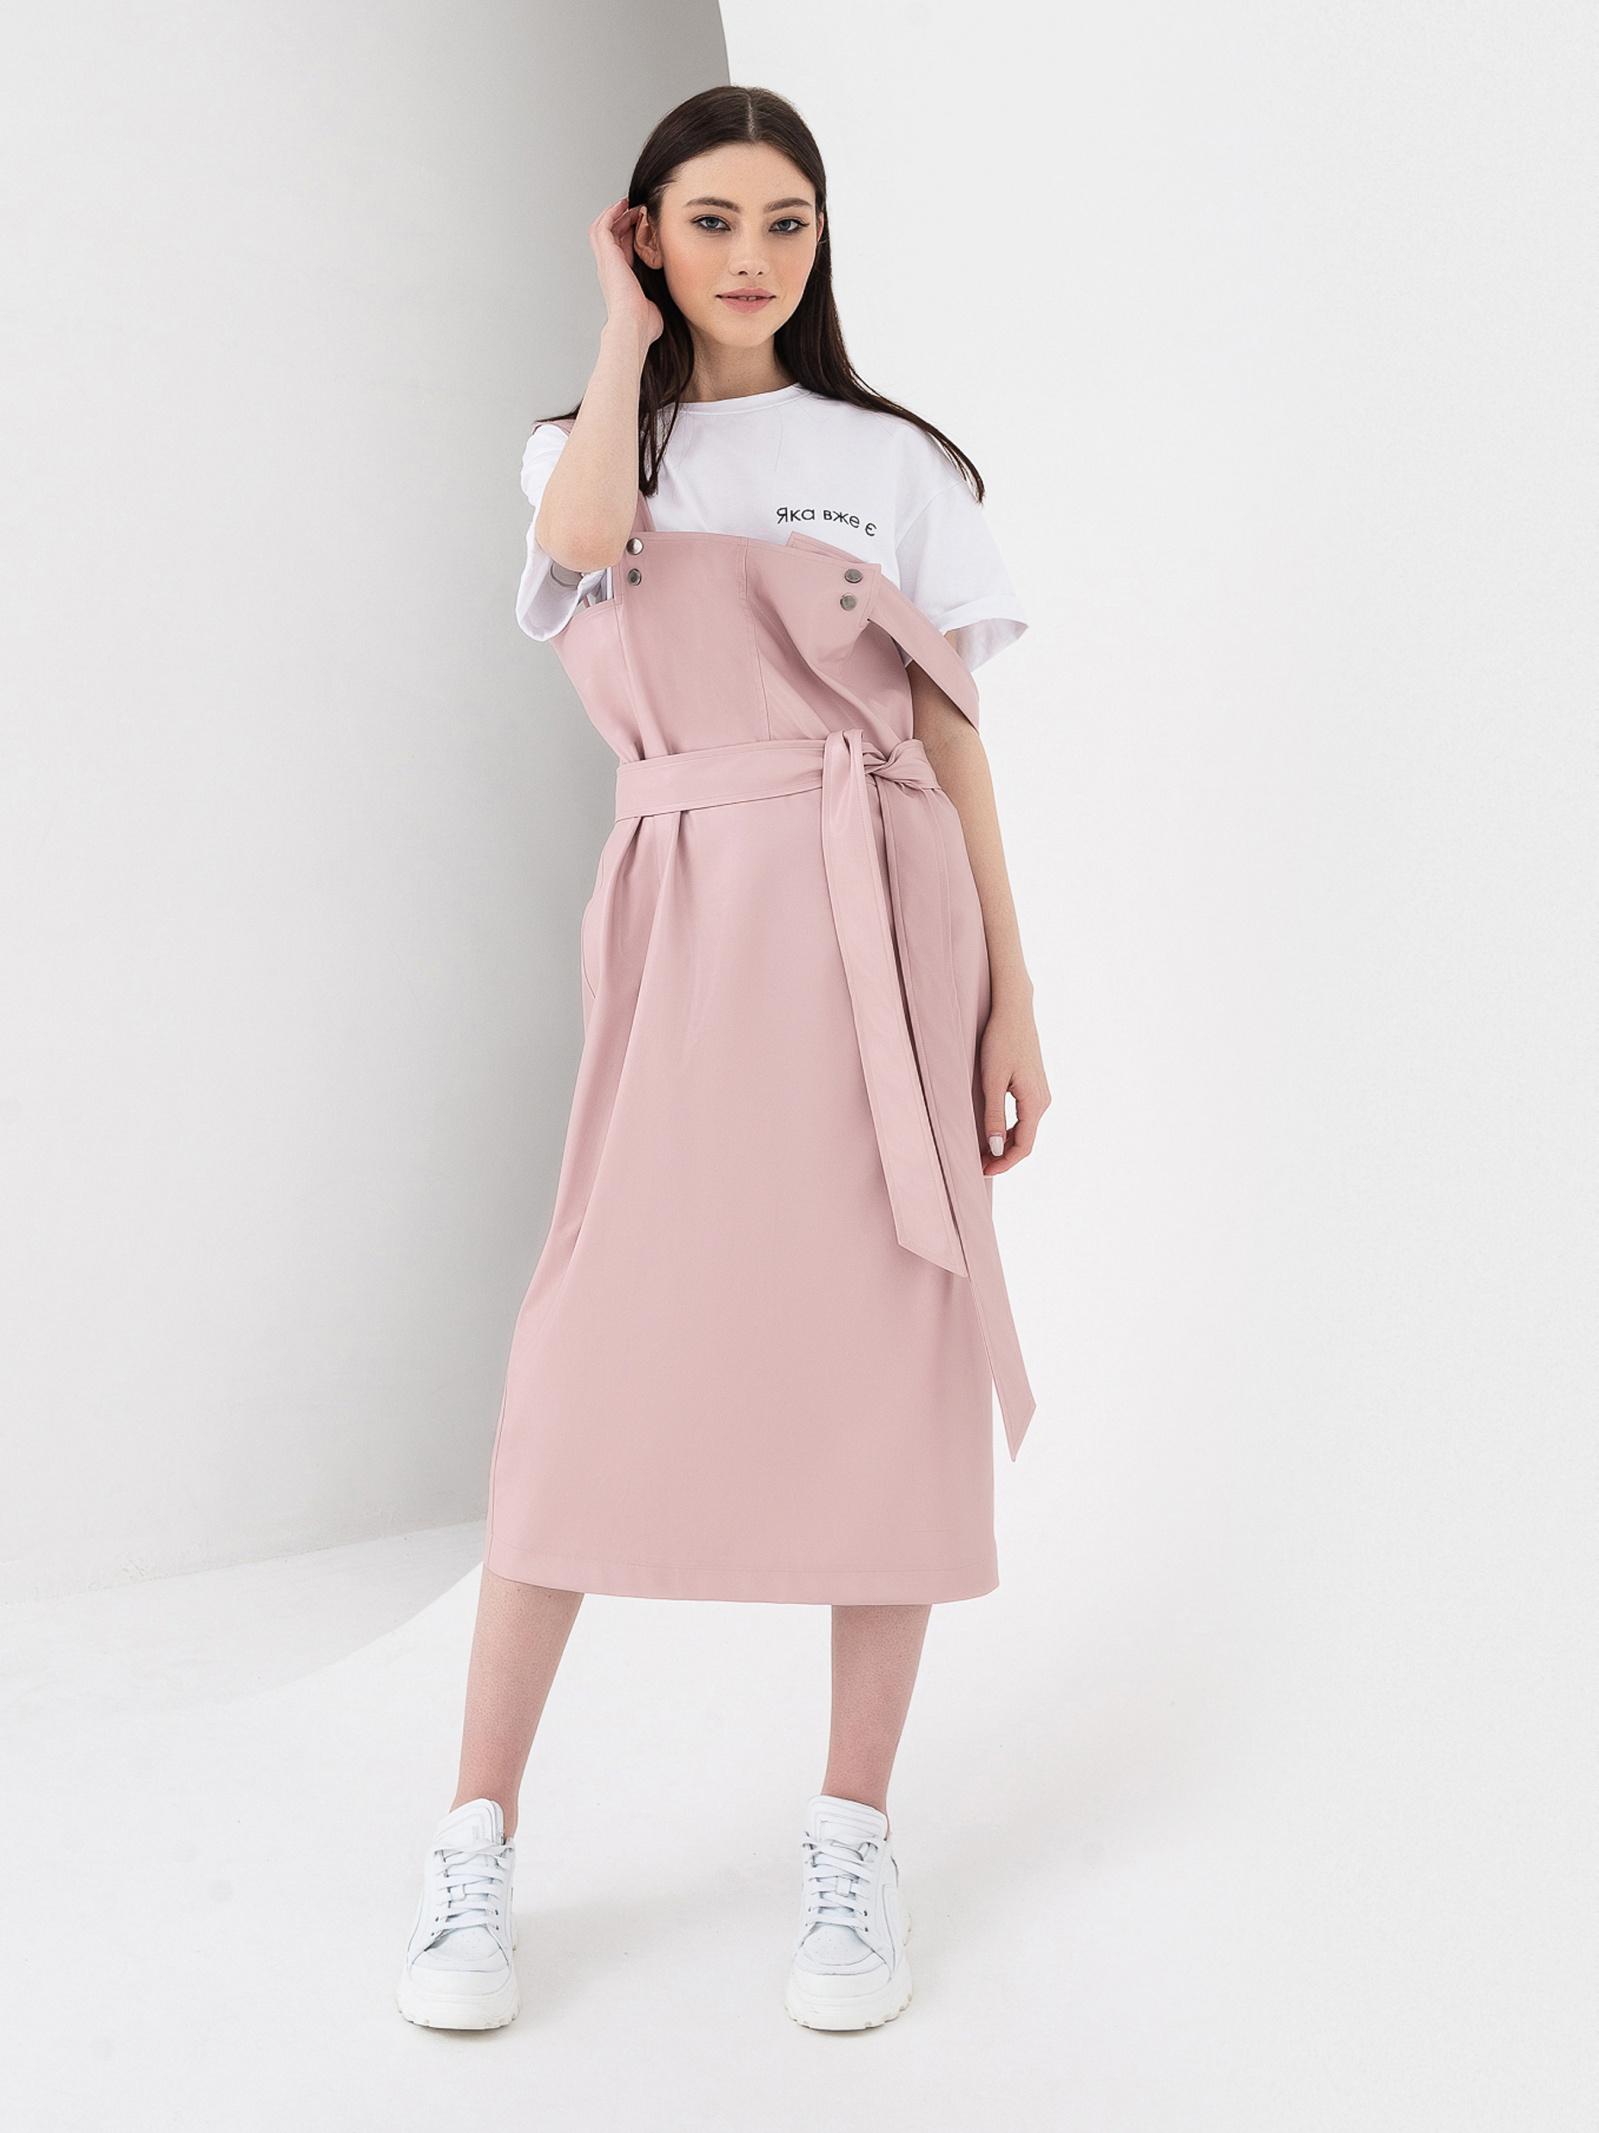 VOVK Сарафан жіночі модель 07494 пудровий , 2017